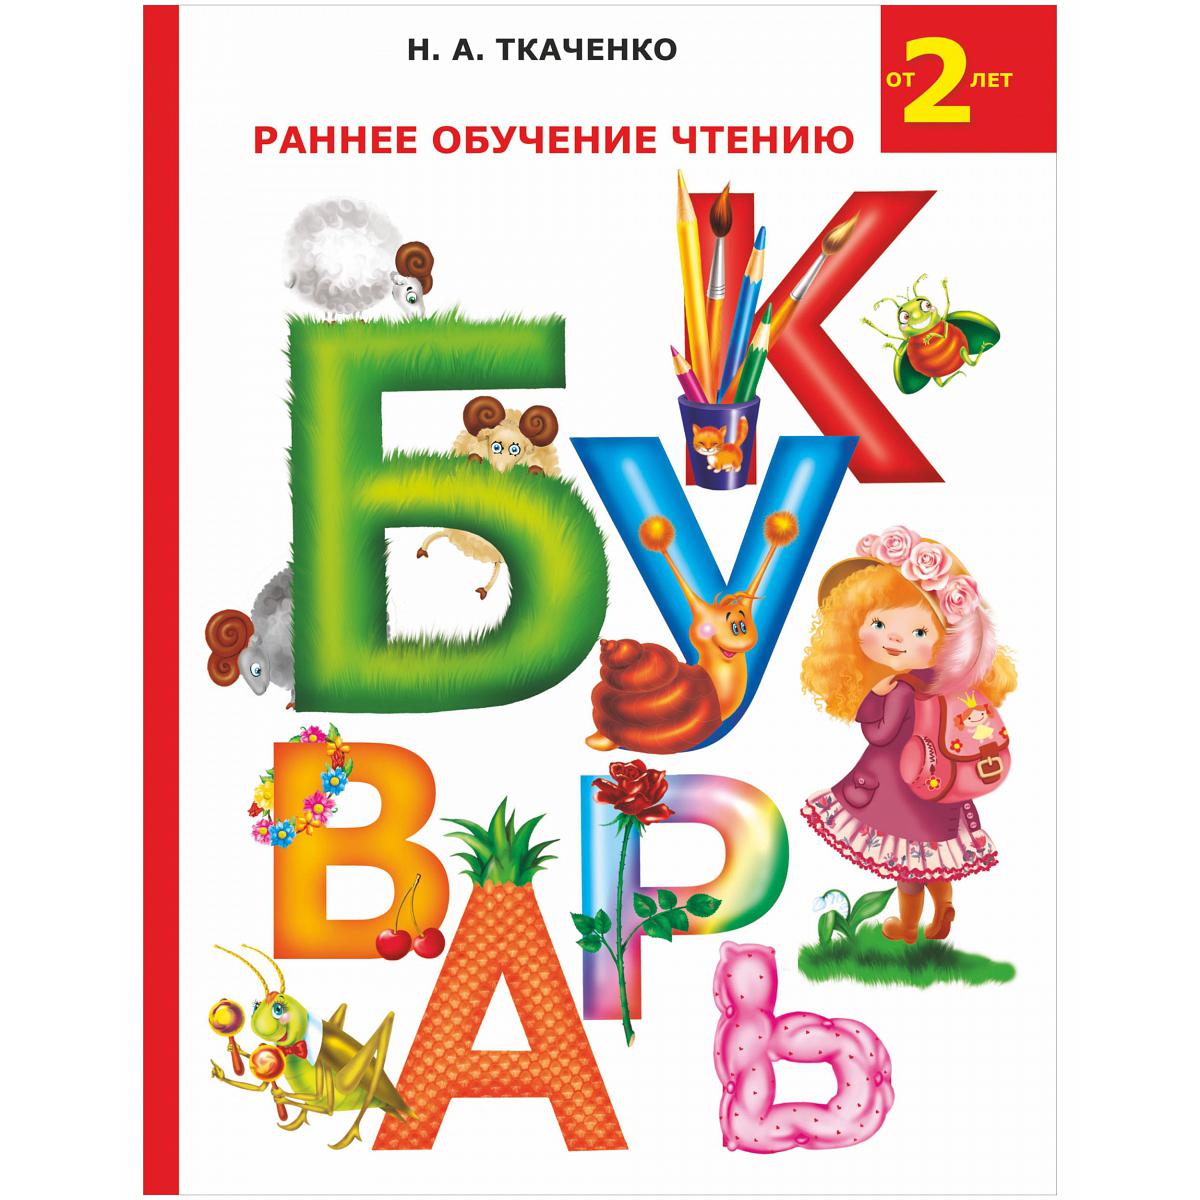 Купить Раннее Обучение Чтению, АСТ, Книги по обучению и развитию детей